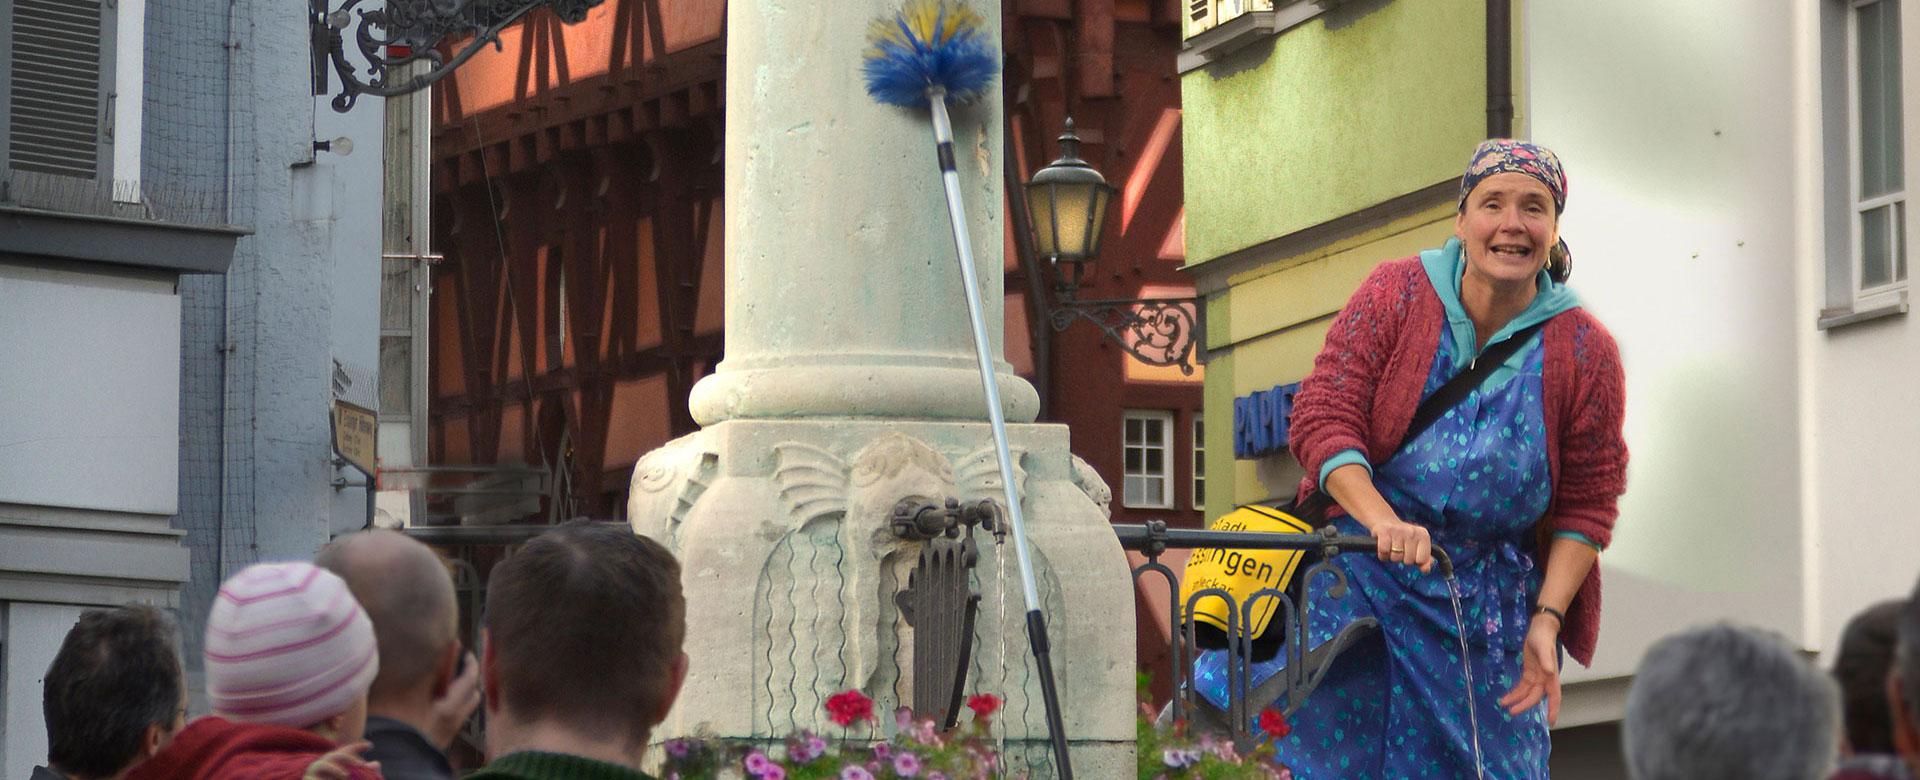 Programm Impression - ERNA ORIGINAL – Der Theaterspaziergang in Esslingen